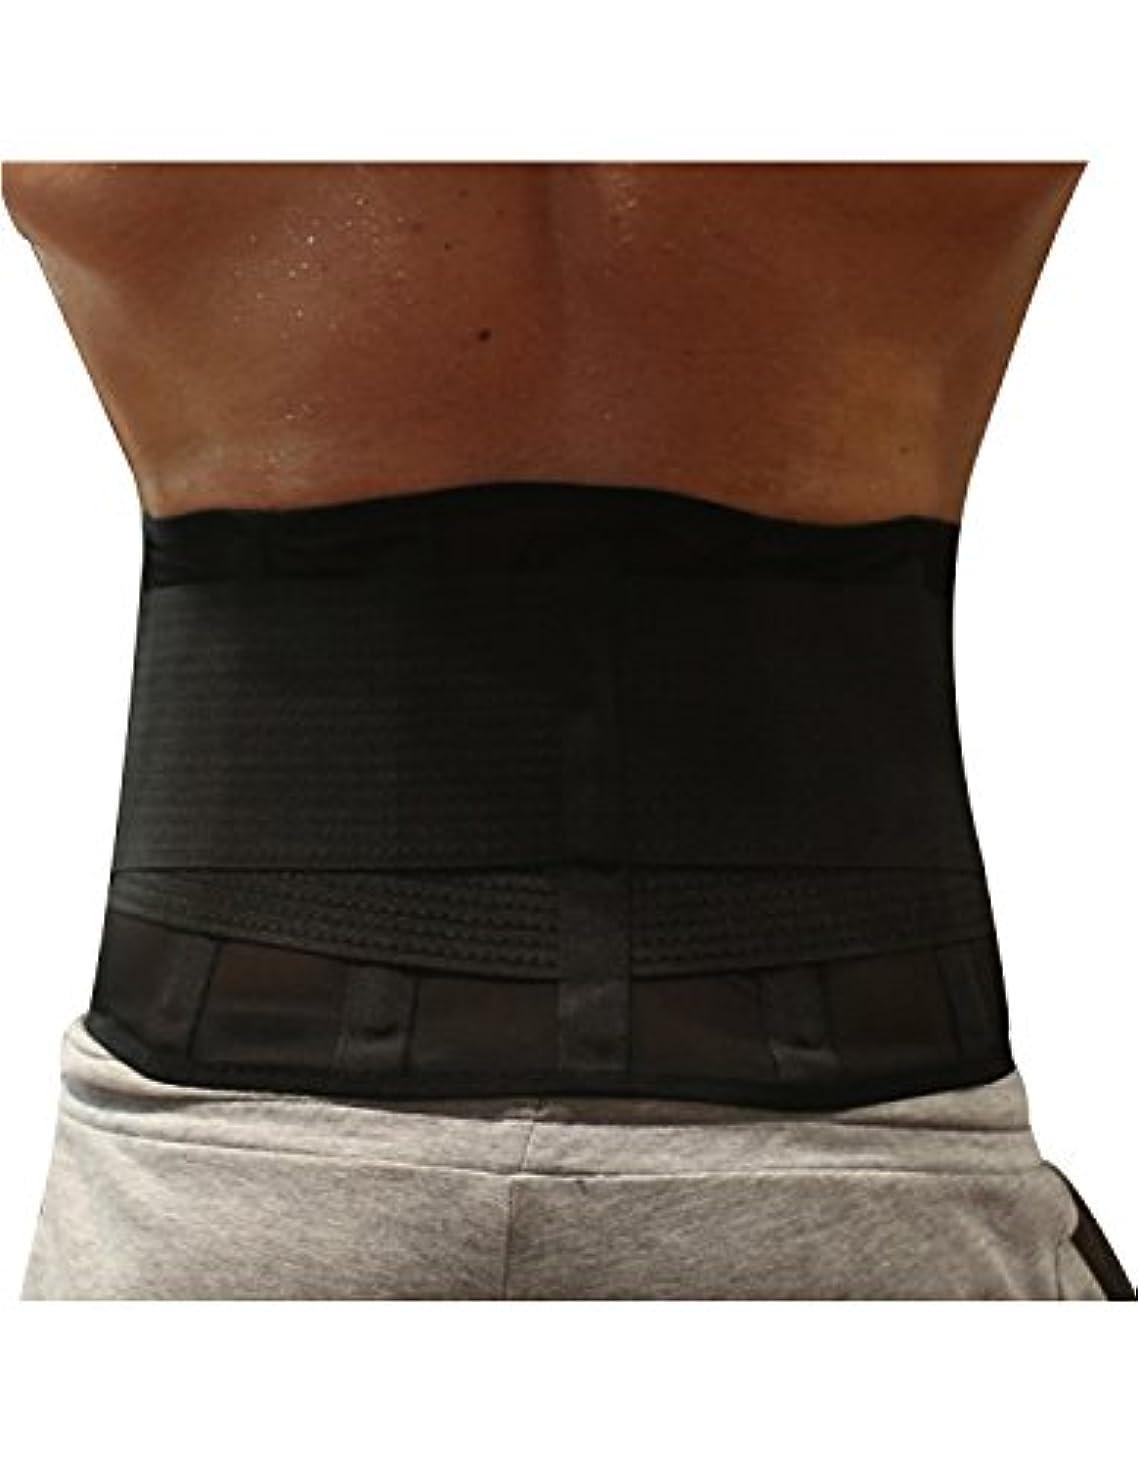 包囲遅れシーサイドBurvogue腰サポーター 腰痛コルセット 腰痛ベルト骨盤ベルト 骨盤コルセット 薄型 通気性抜群 姿勢矯正 (XX-Large, ブラック1)